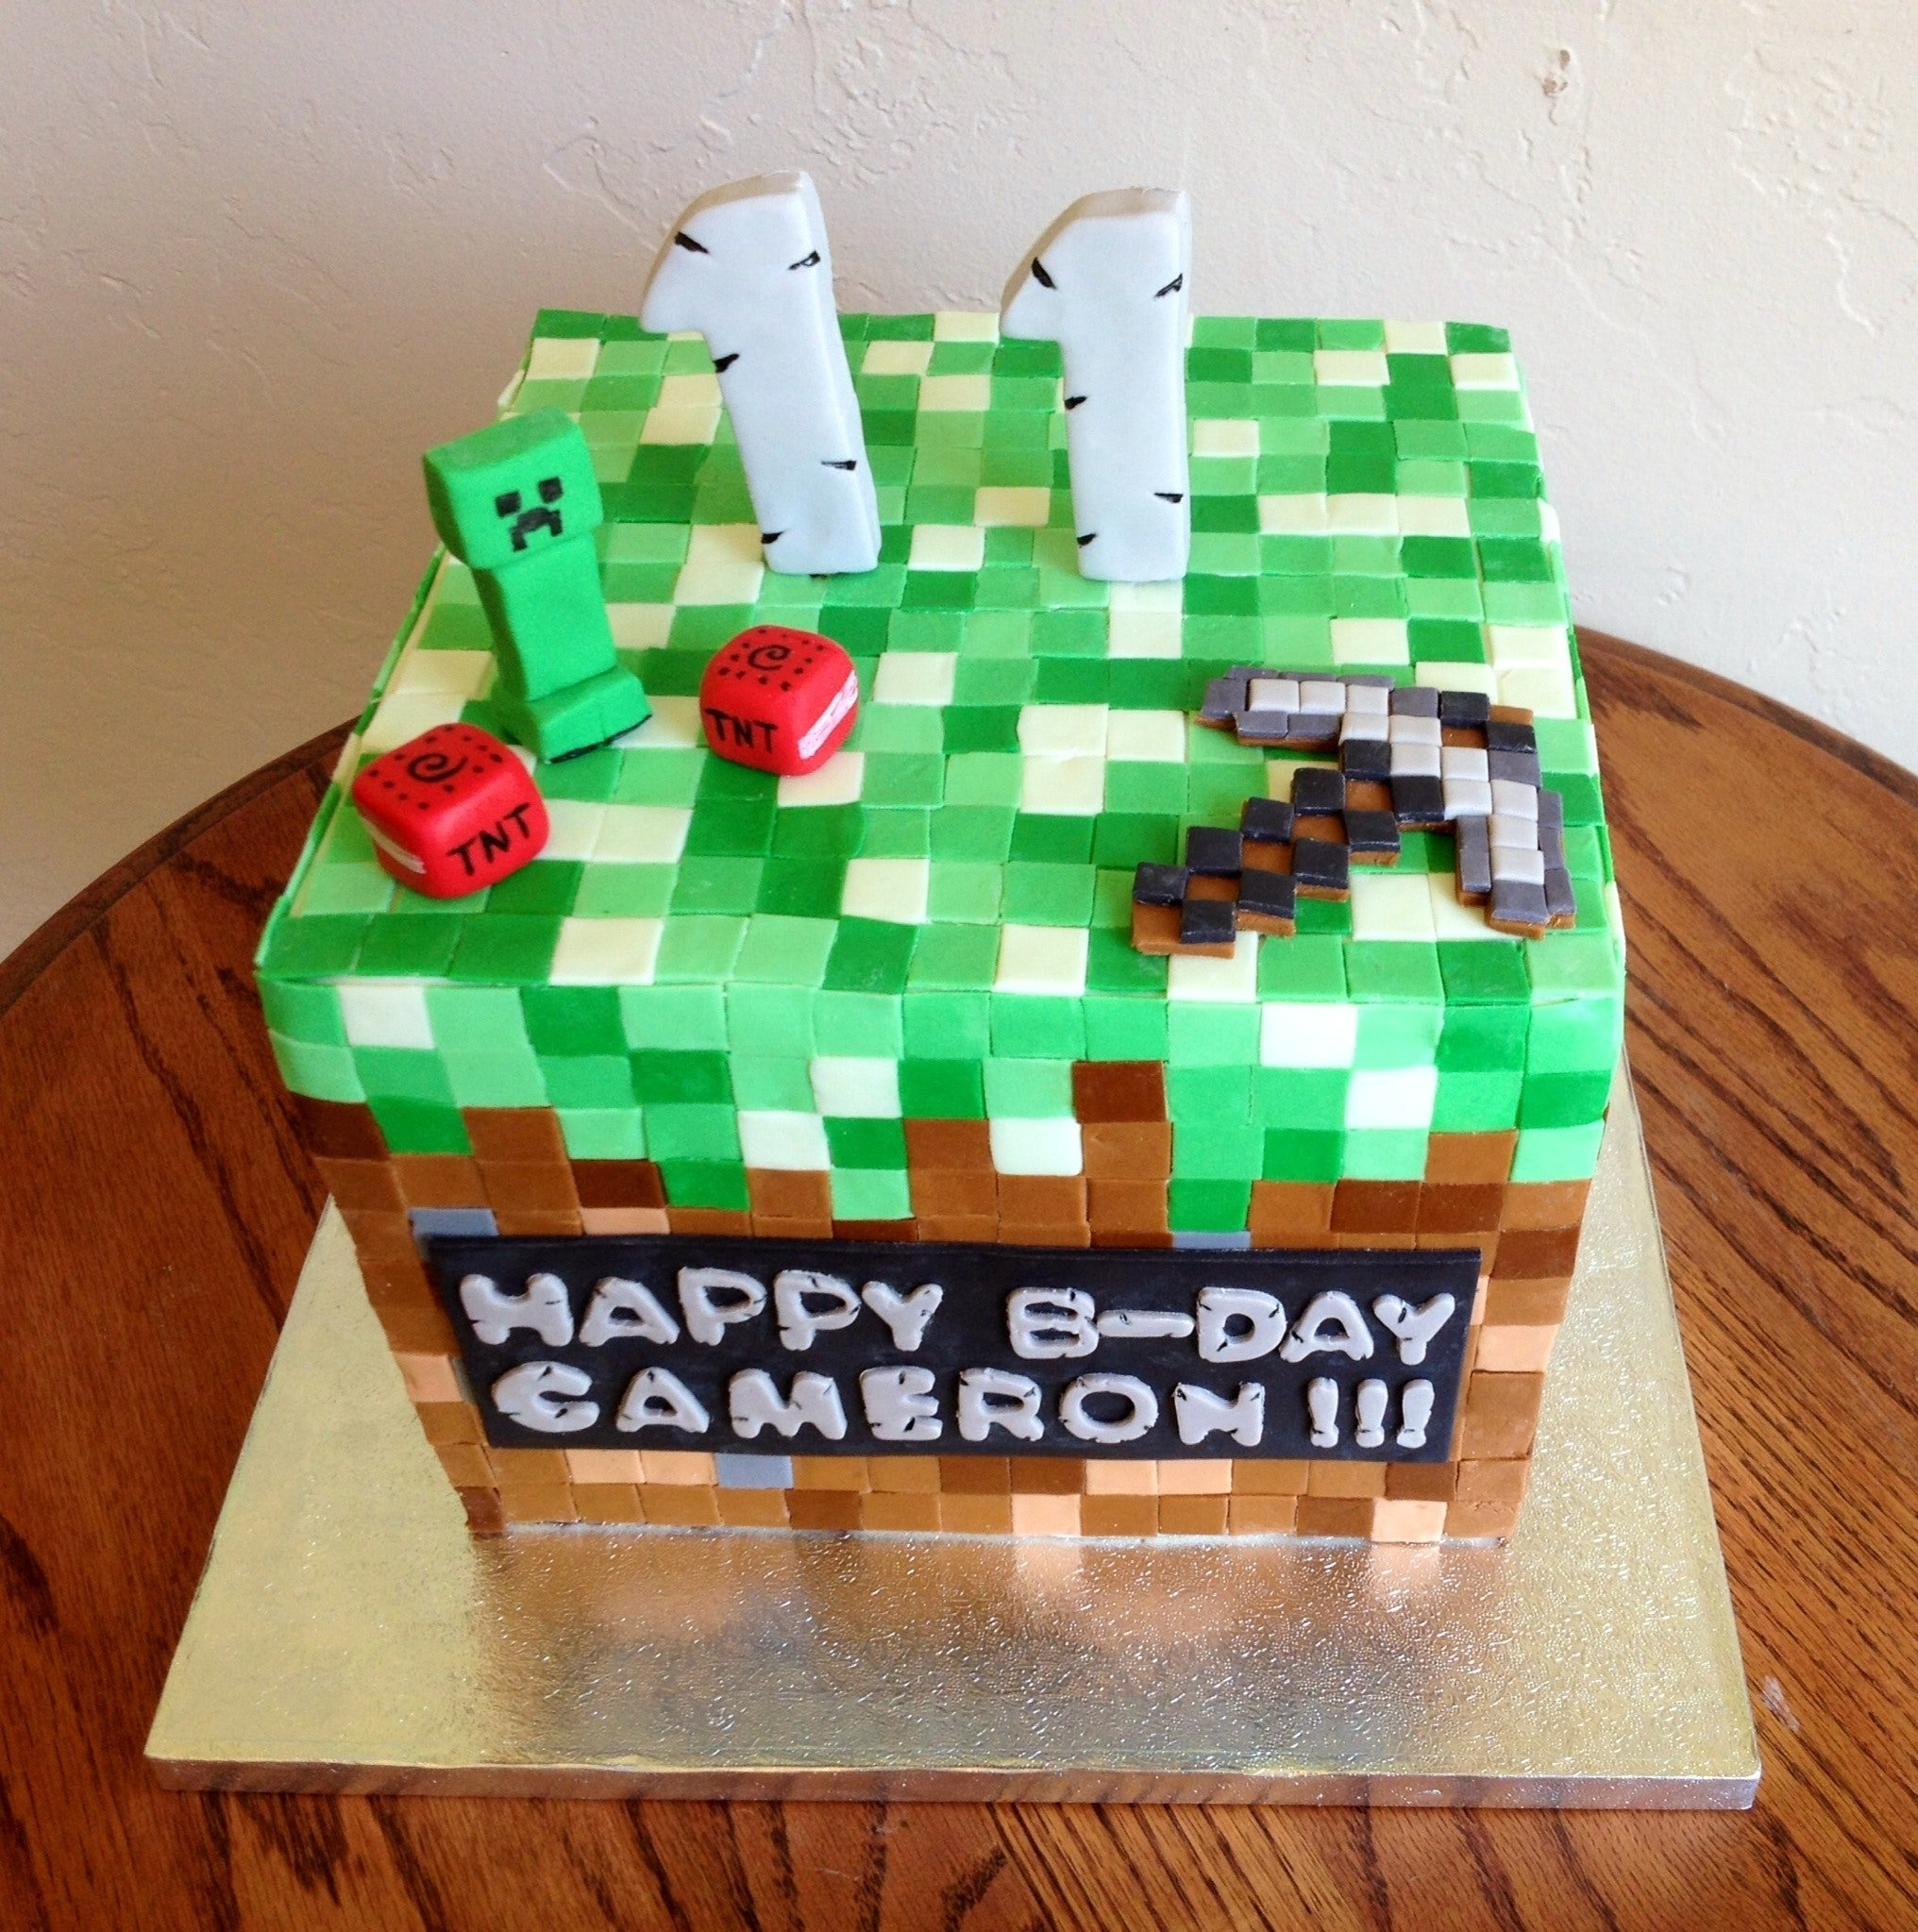 10 Stylish 14 Year Old Boy Birthday Party Ideas birthday party ideas 14 year old intended for birthday cake ideas 14 1